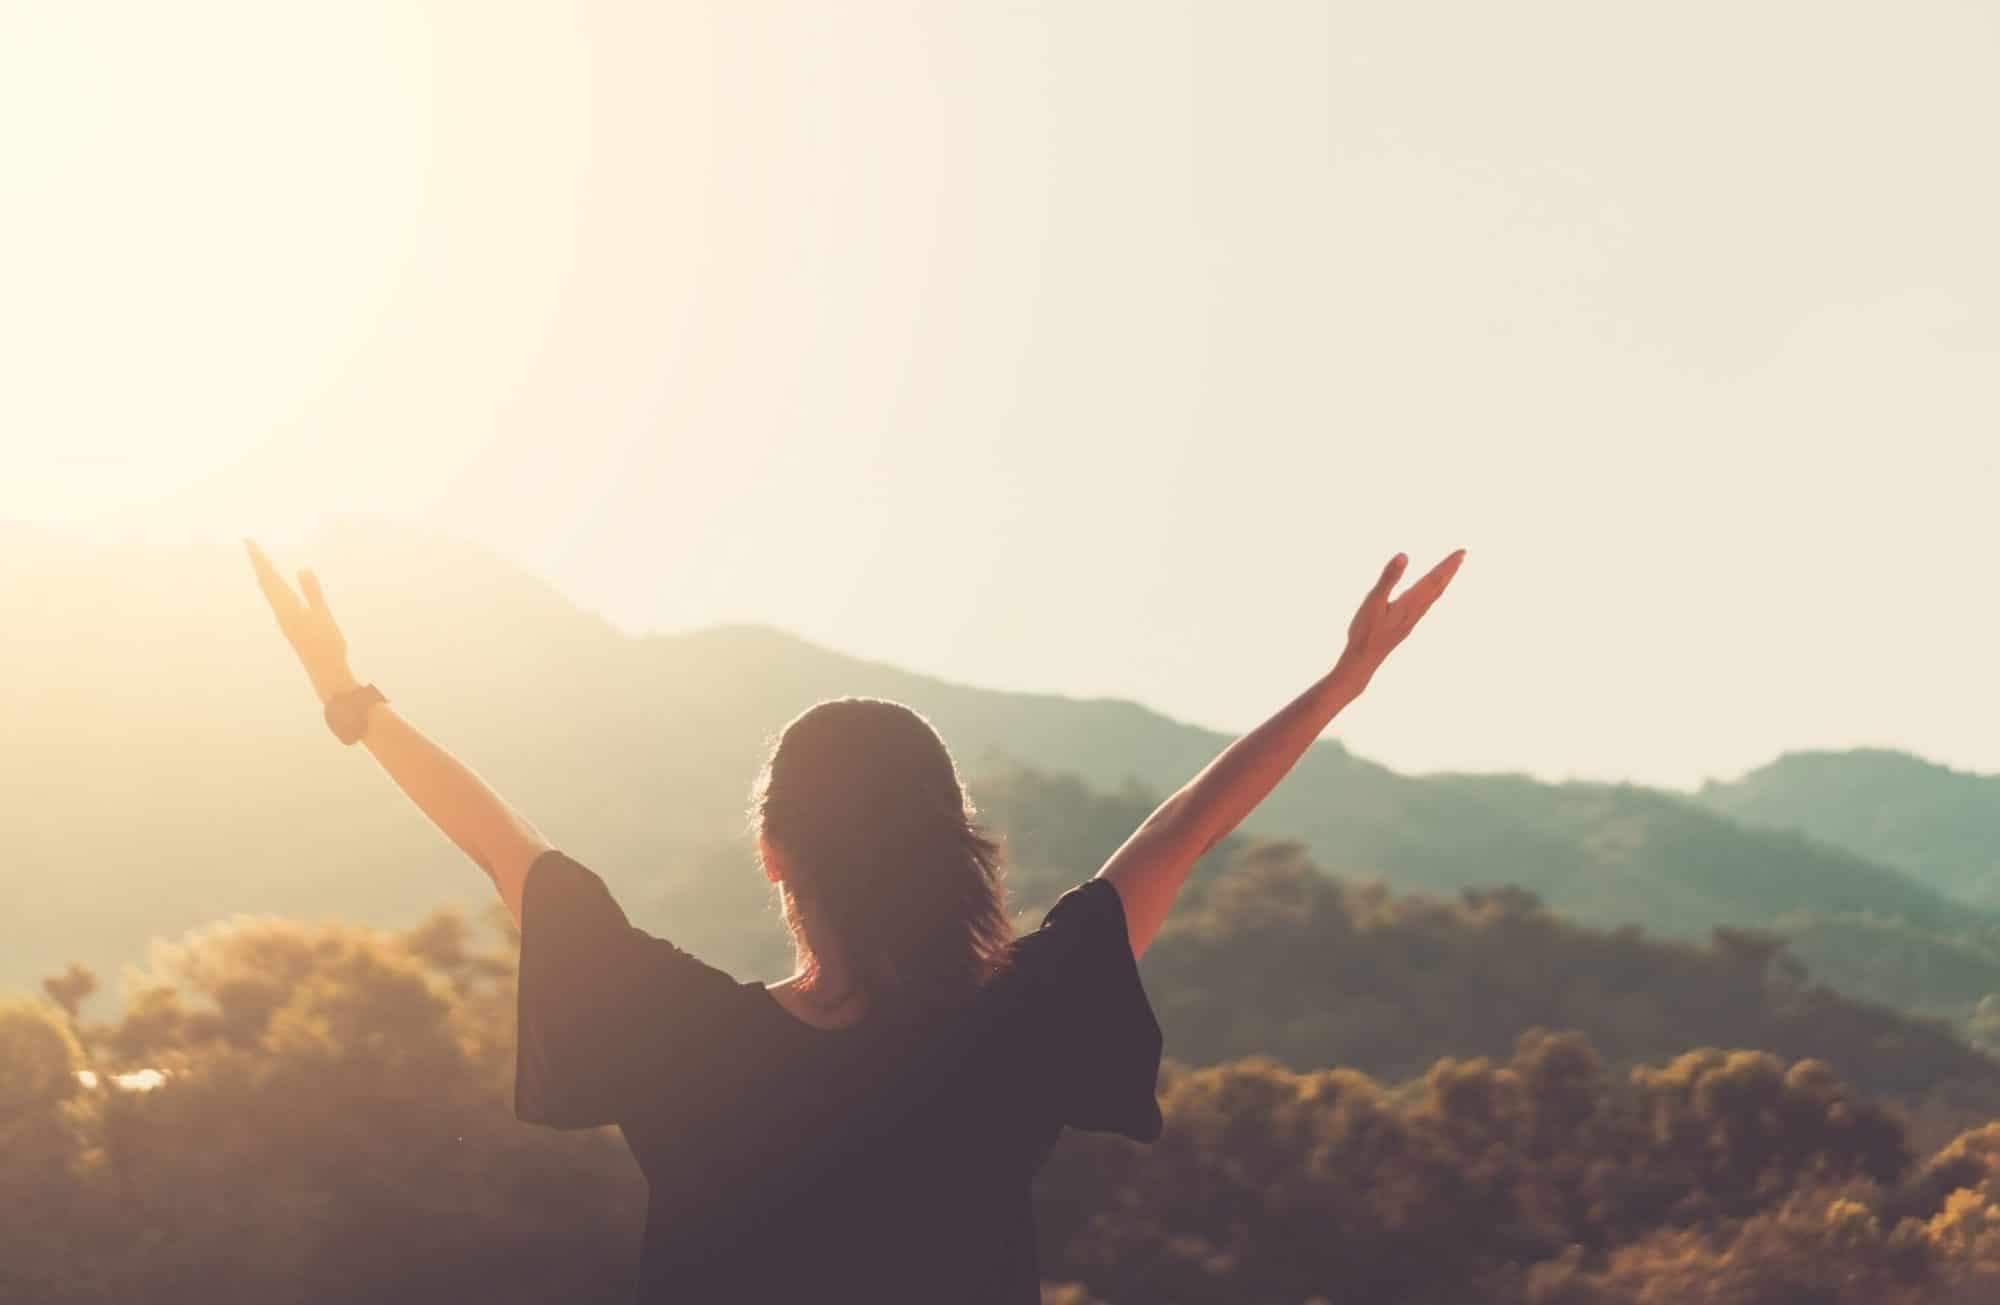 Les 5 rituels ancestraux pour bien commencer votre journée